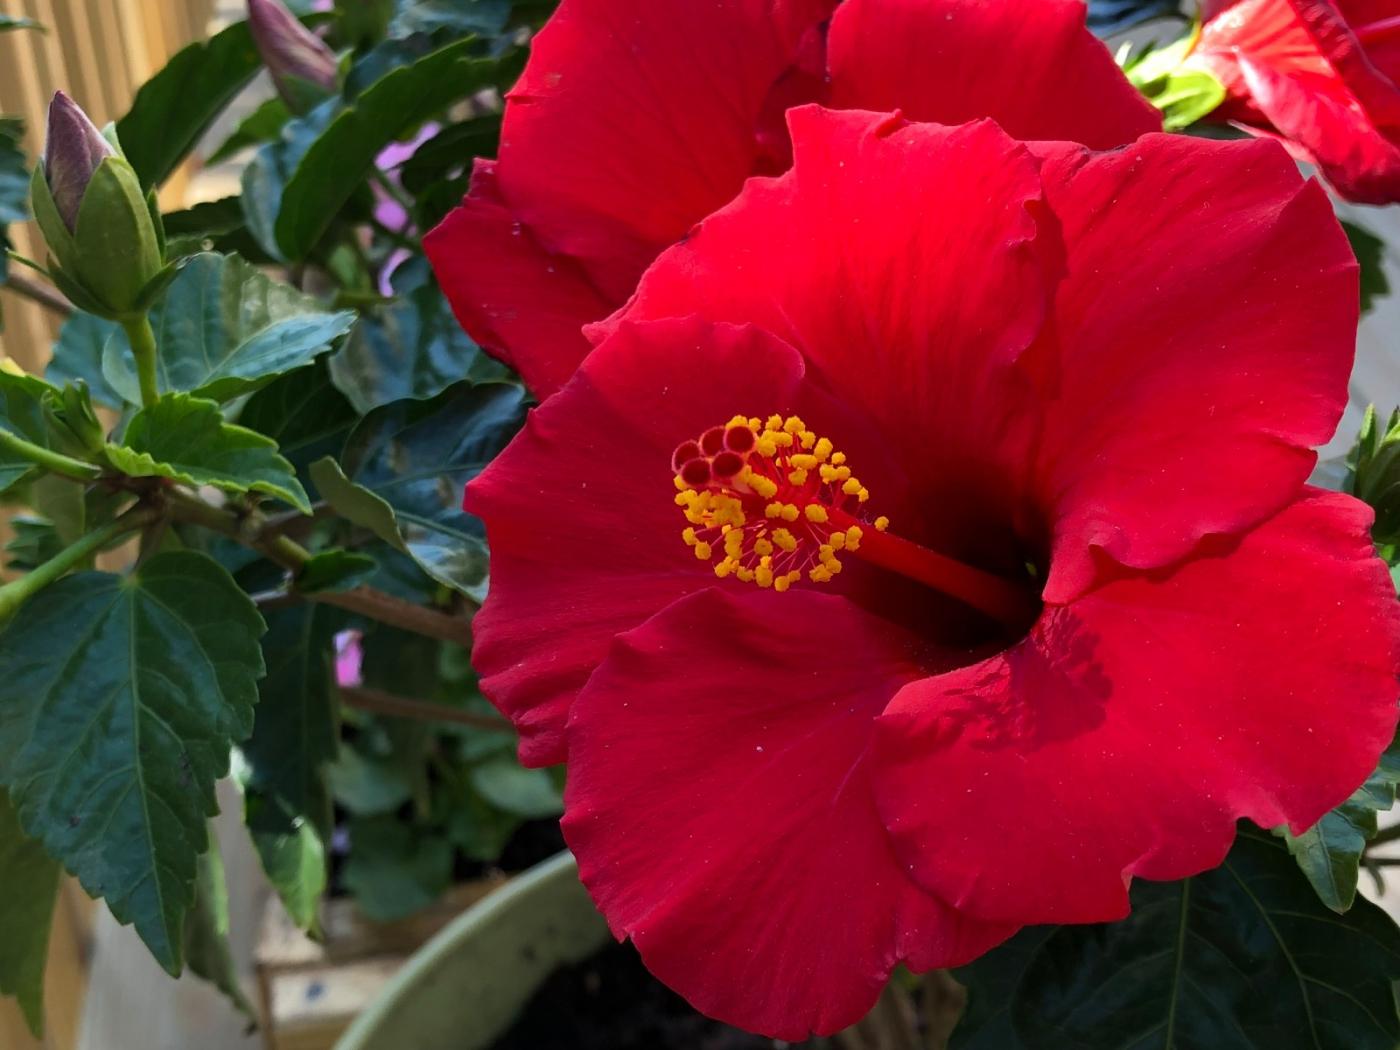 【田螺隨拍】分享去THE HOME DEPOT紅地鋪買花的經驗_圖1-7